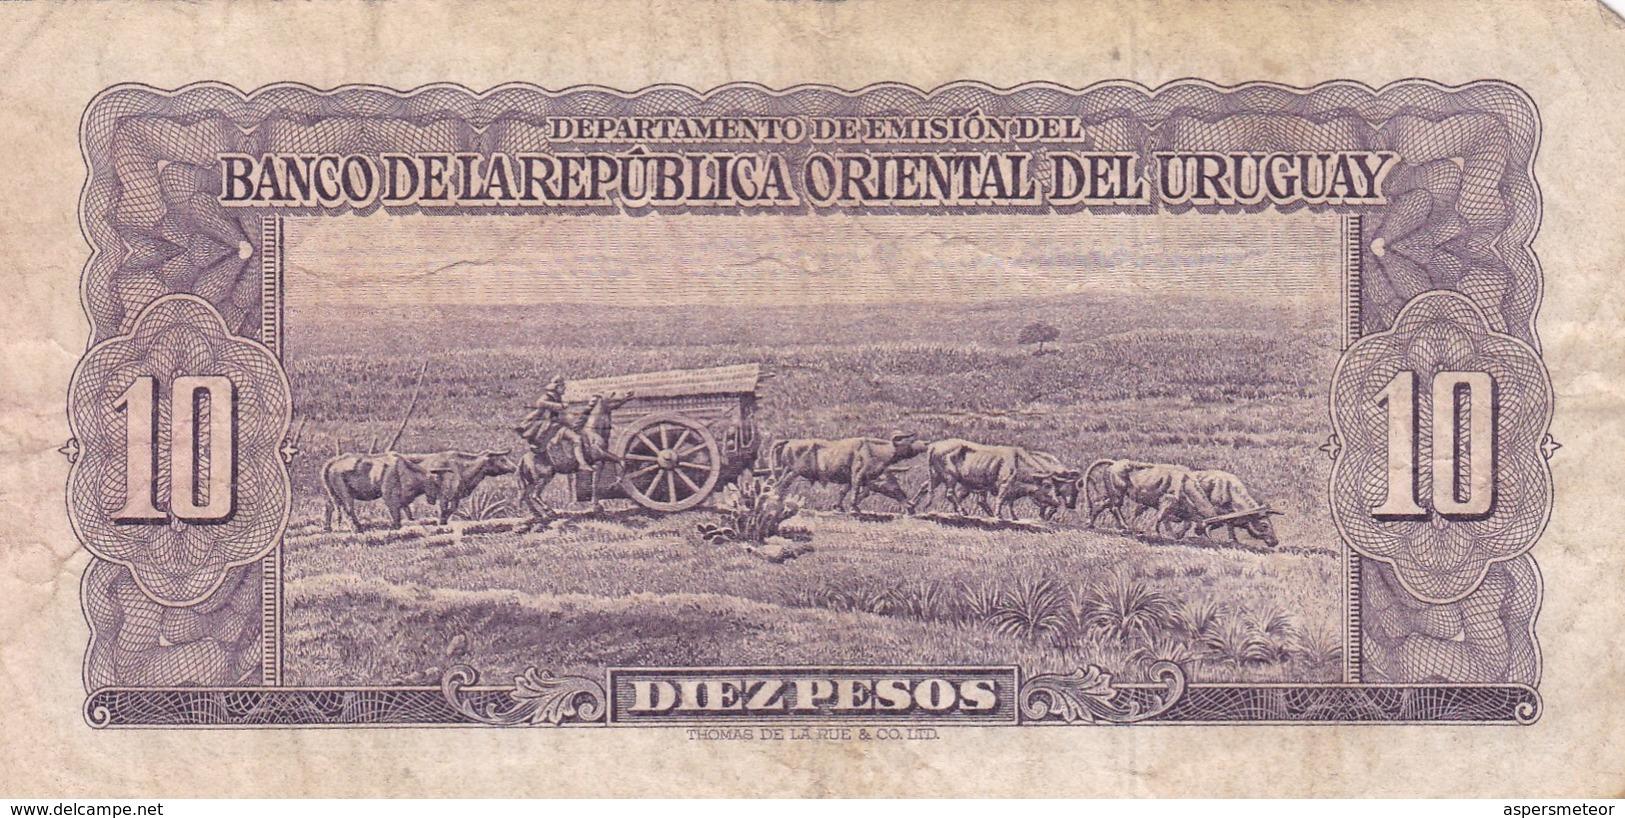 DIEZ PESOS SERIE D, URUGUAY. CIRCA 1940s-BILLETE BANKNOTE BILLET-BLEUP - Uruguay